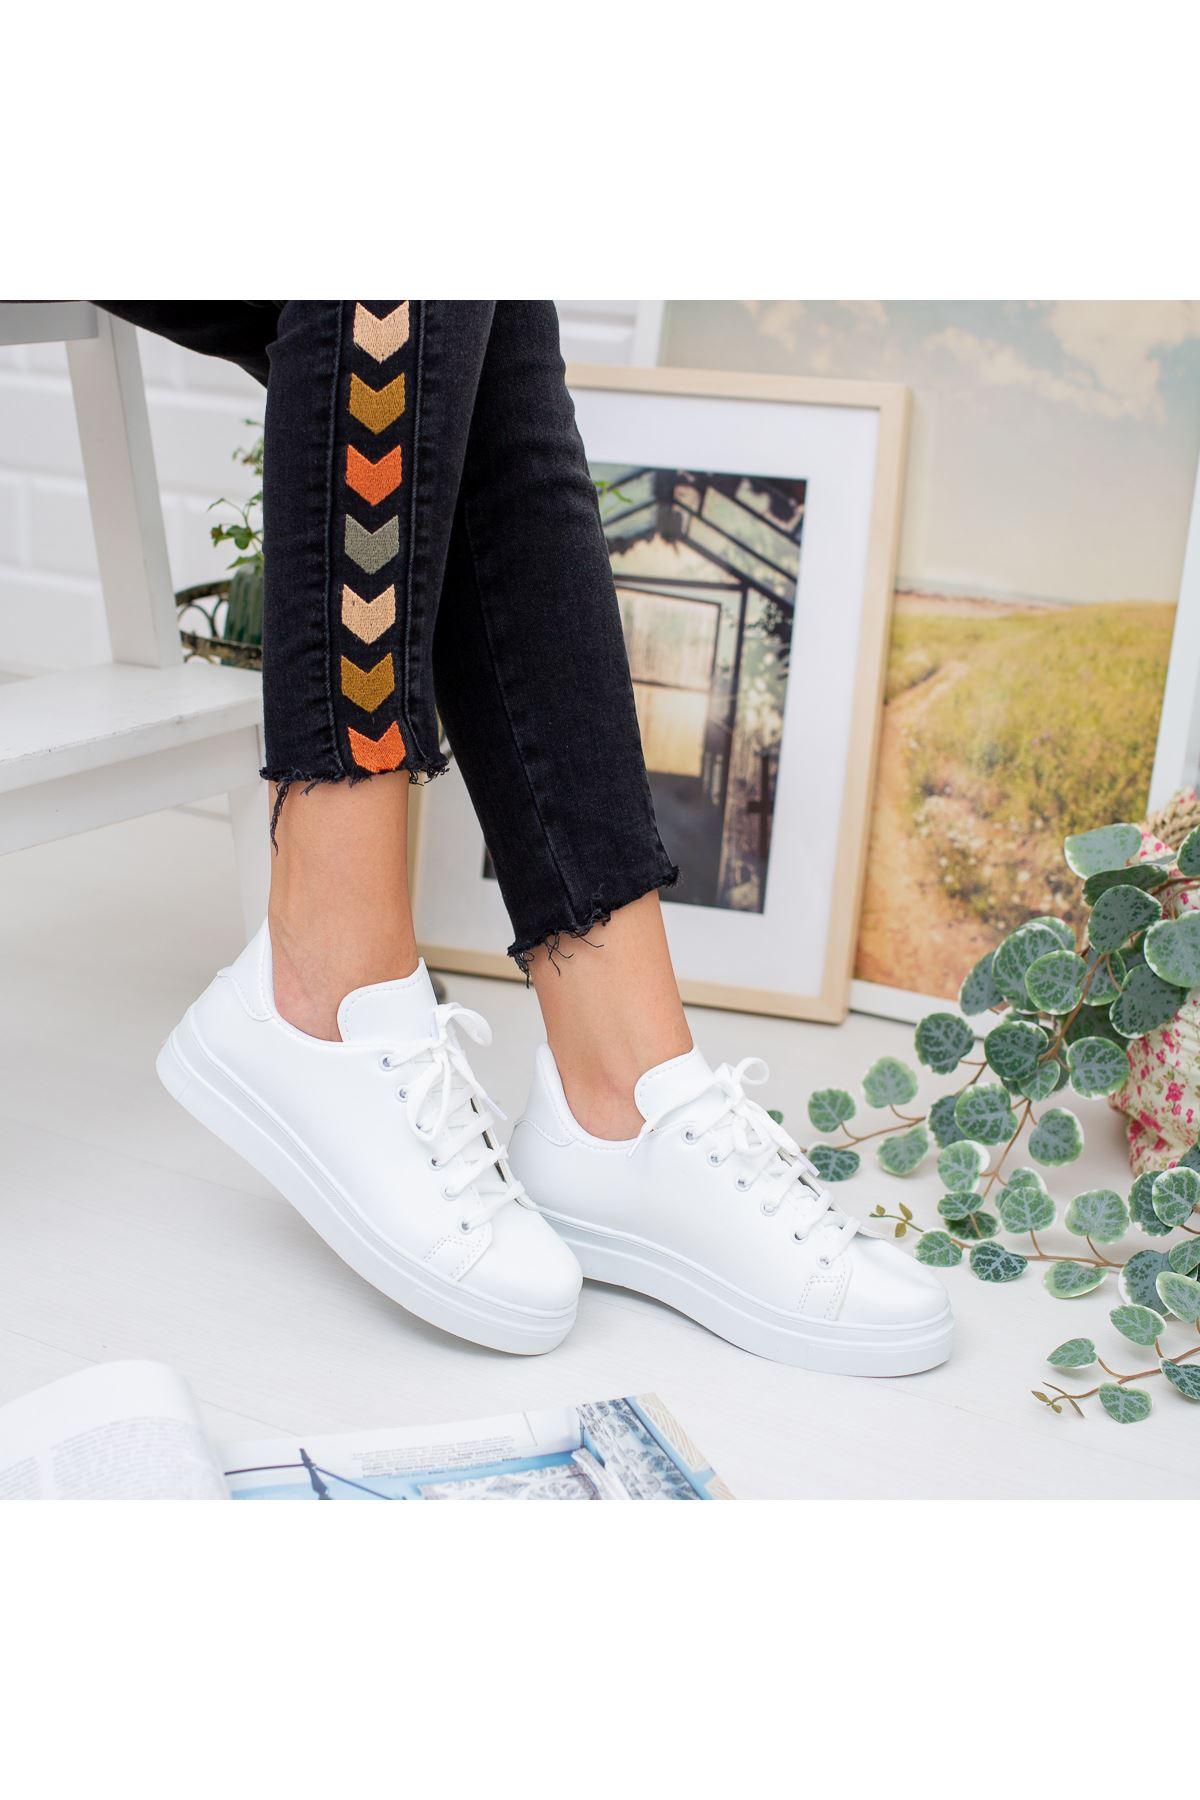 Brisha Beyaz Bayan Spor Ayakkabı